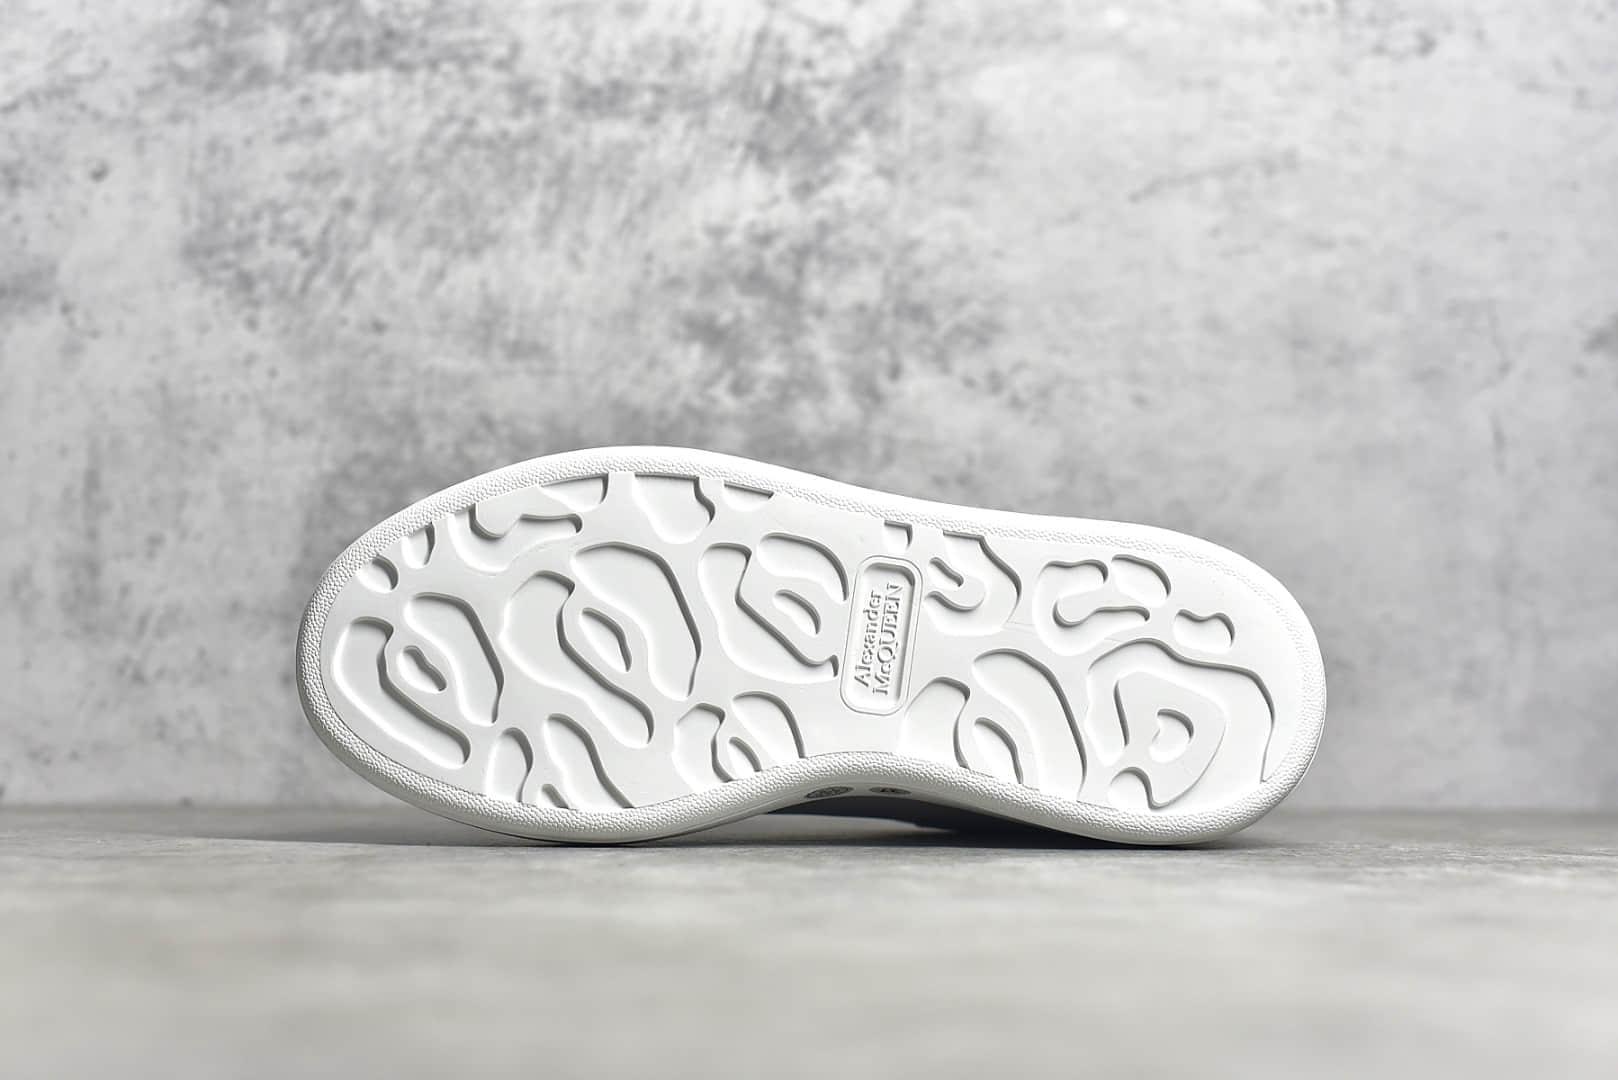 亚历山大麦昆粉尾小白鞋 Alexander McQueen sole sneakers 麦昆白色老爹鞋工厂直供-潮流者之家